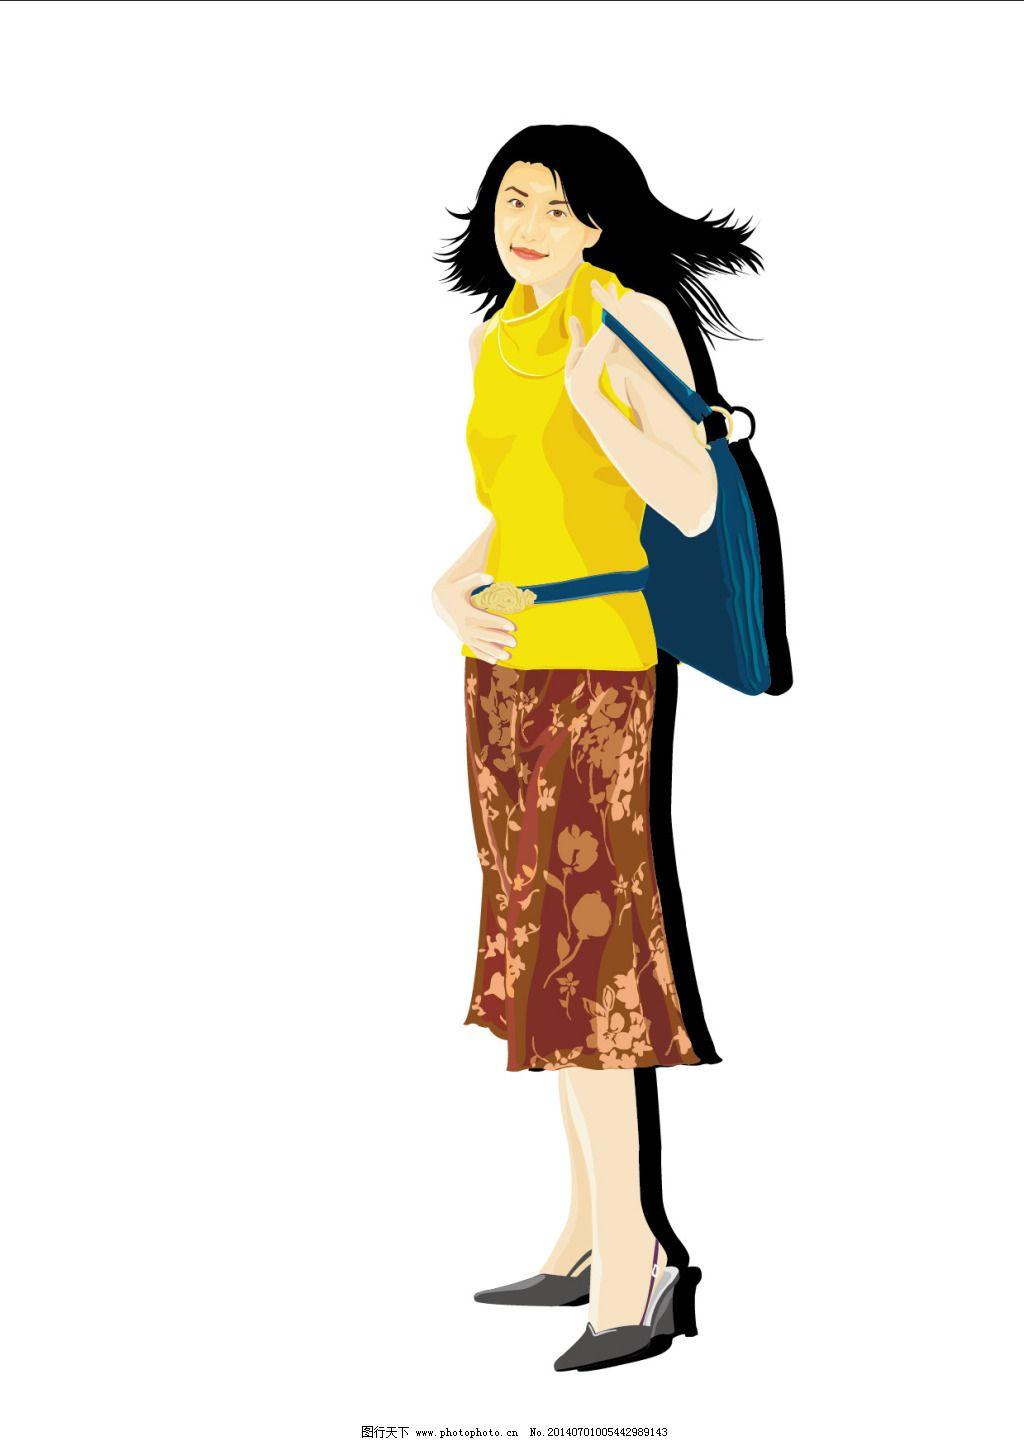 背包美女免费下载 ai 背包 卡通 人物 背包 卡通 矢量 人物 ai 矢量图图片